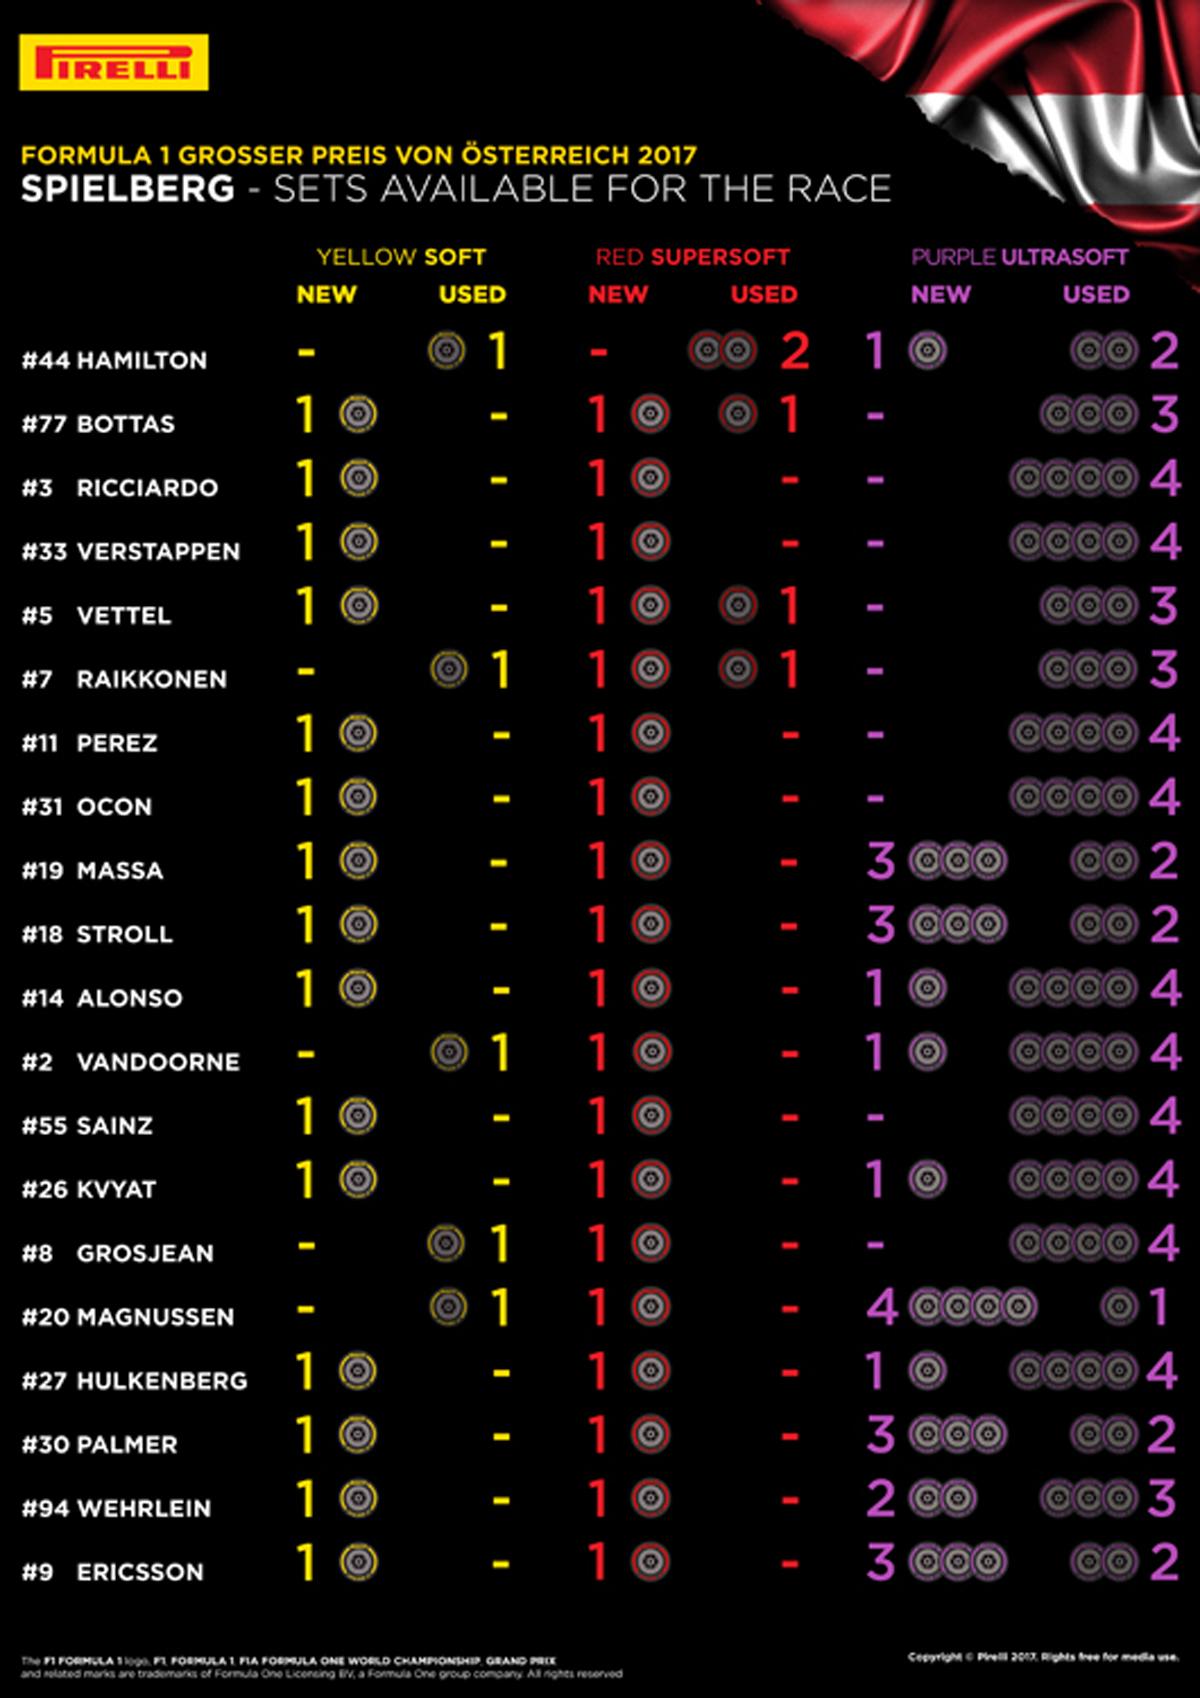 F1オーストリアGP 各ドライバーの持ちタイヤ数